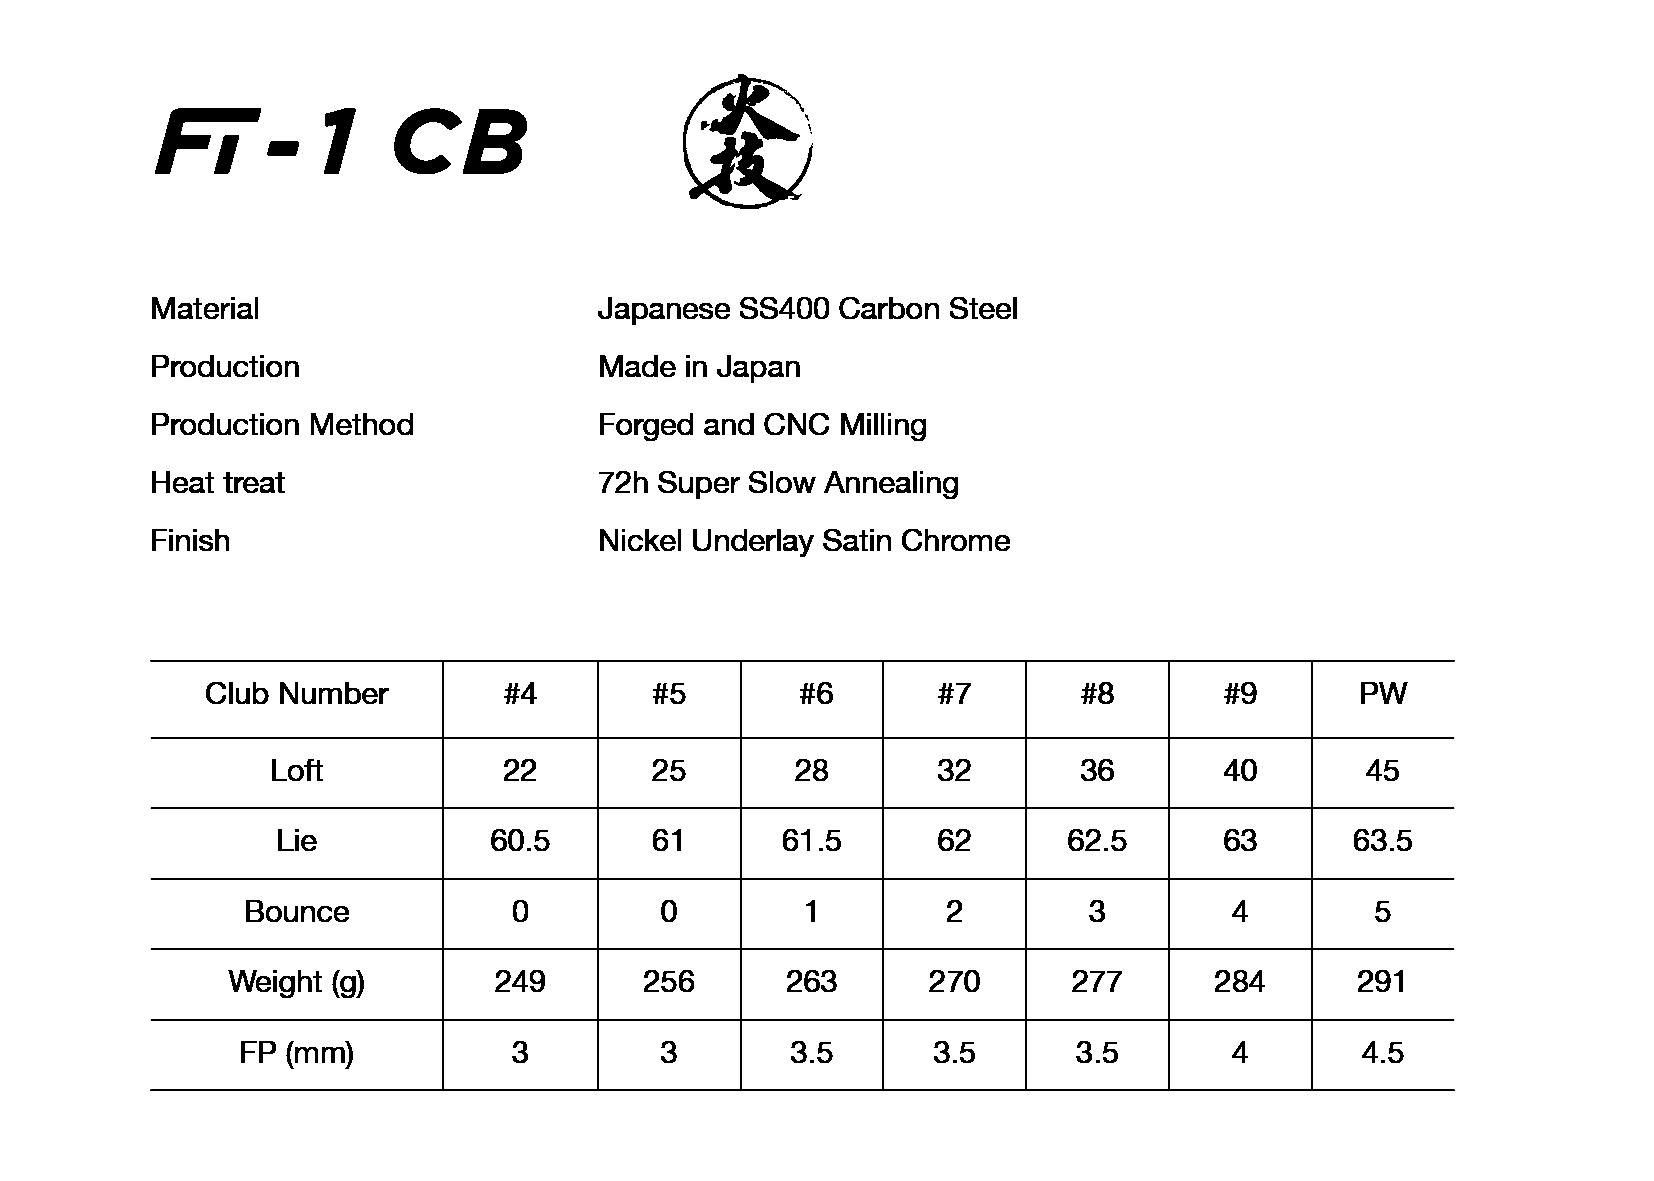 FT-1 CB Spec